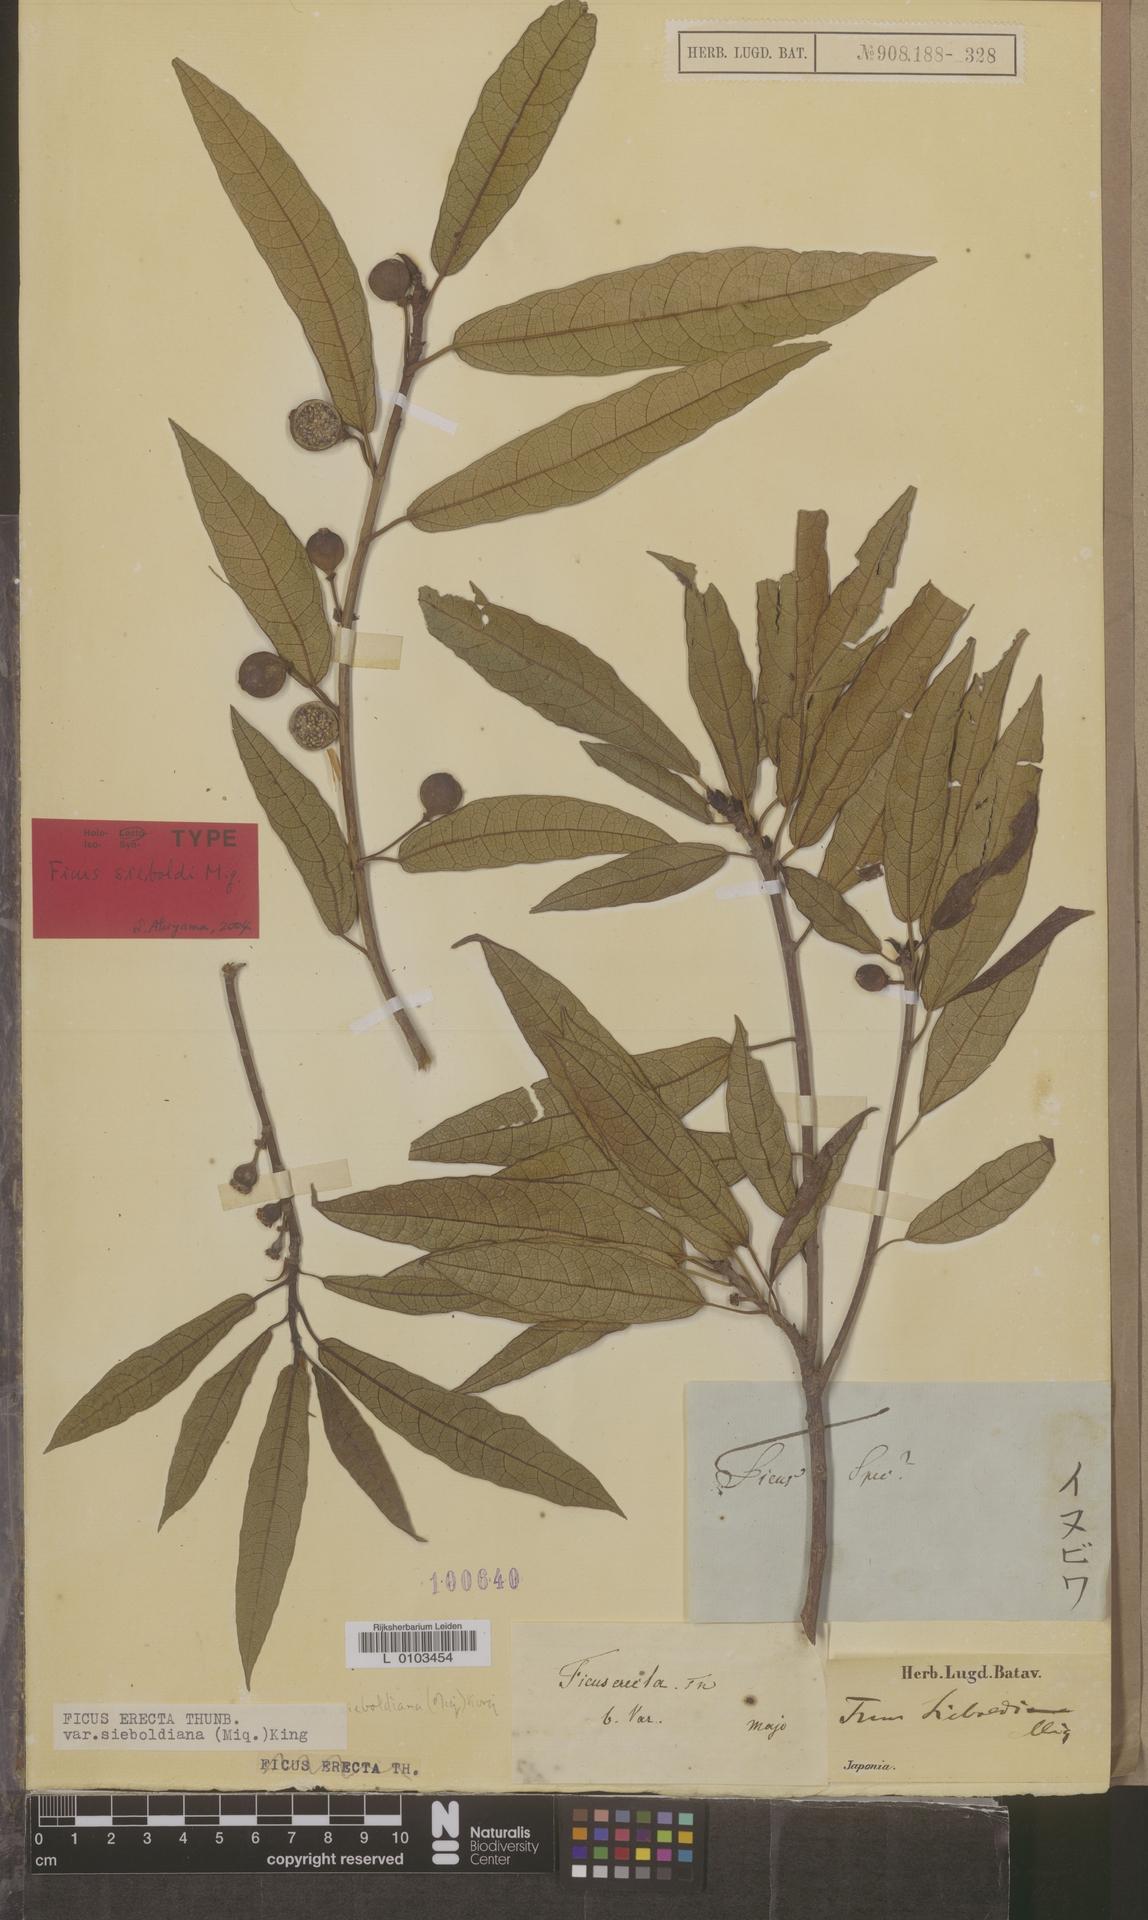 L  0103454 | Ficus erecta var. sieboldiana (Miq.) King